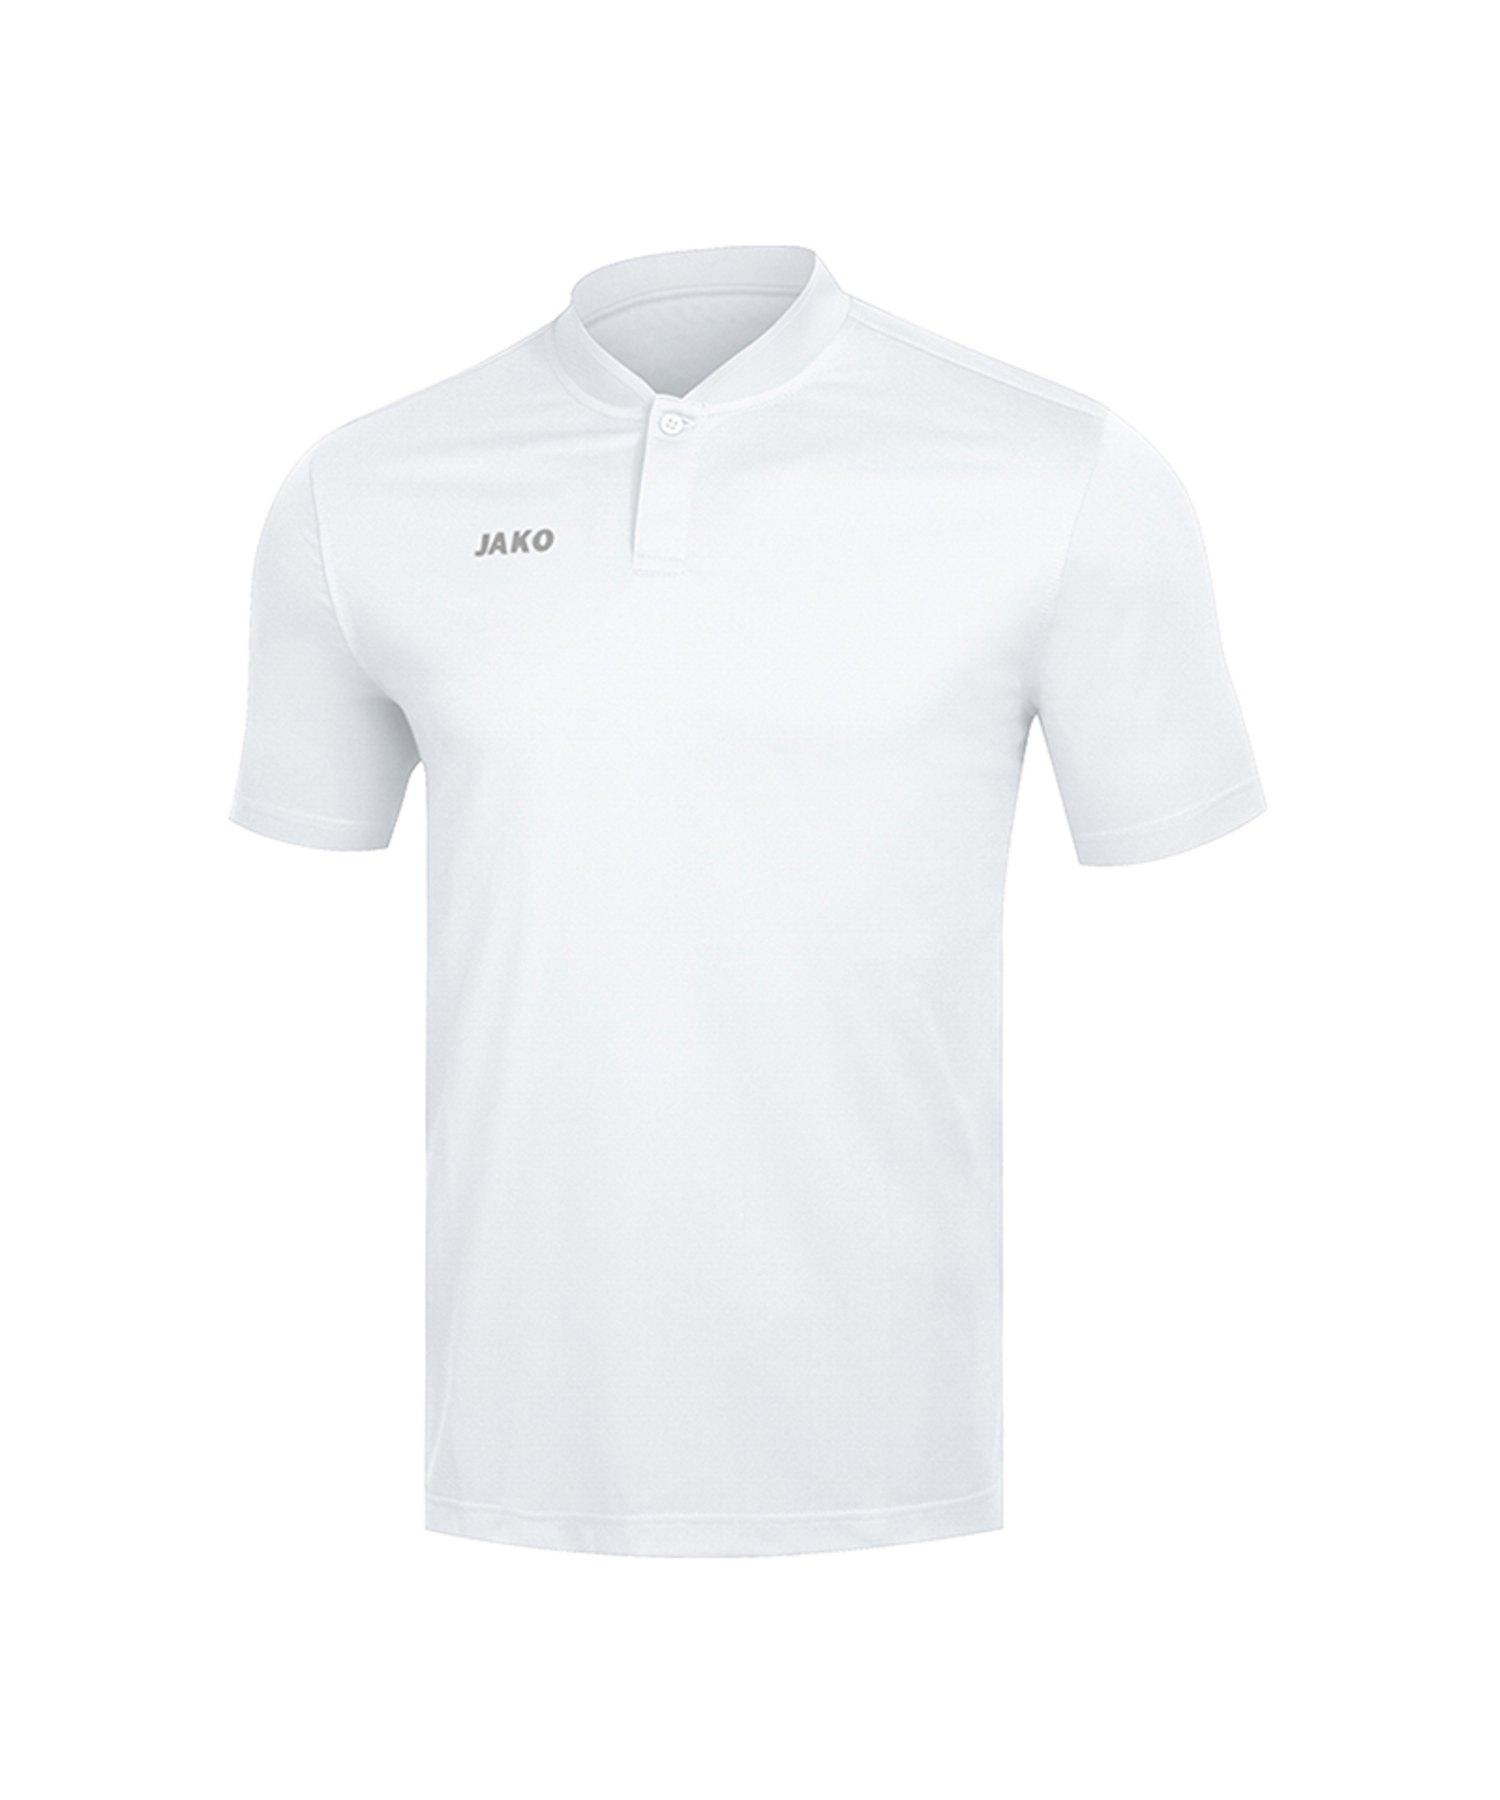 Jako Prestige Poloshirt Damen Weiss F00 - Weiss